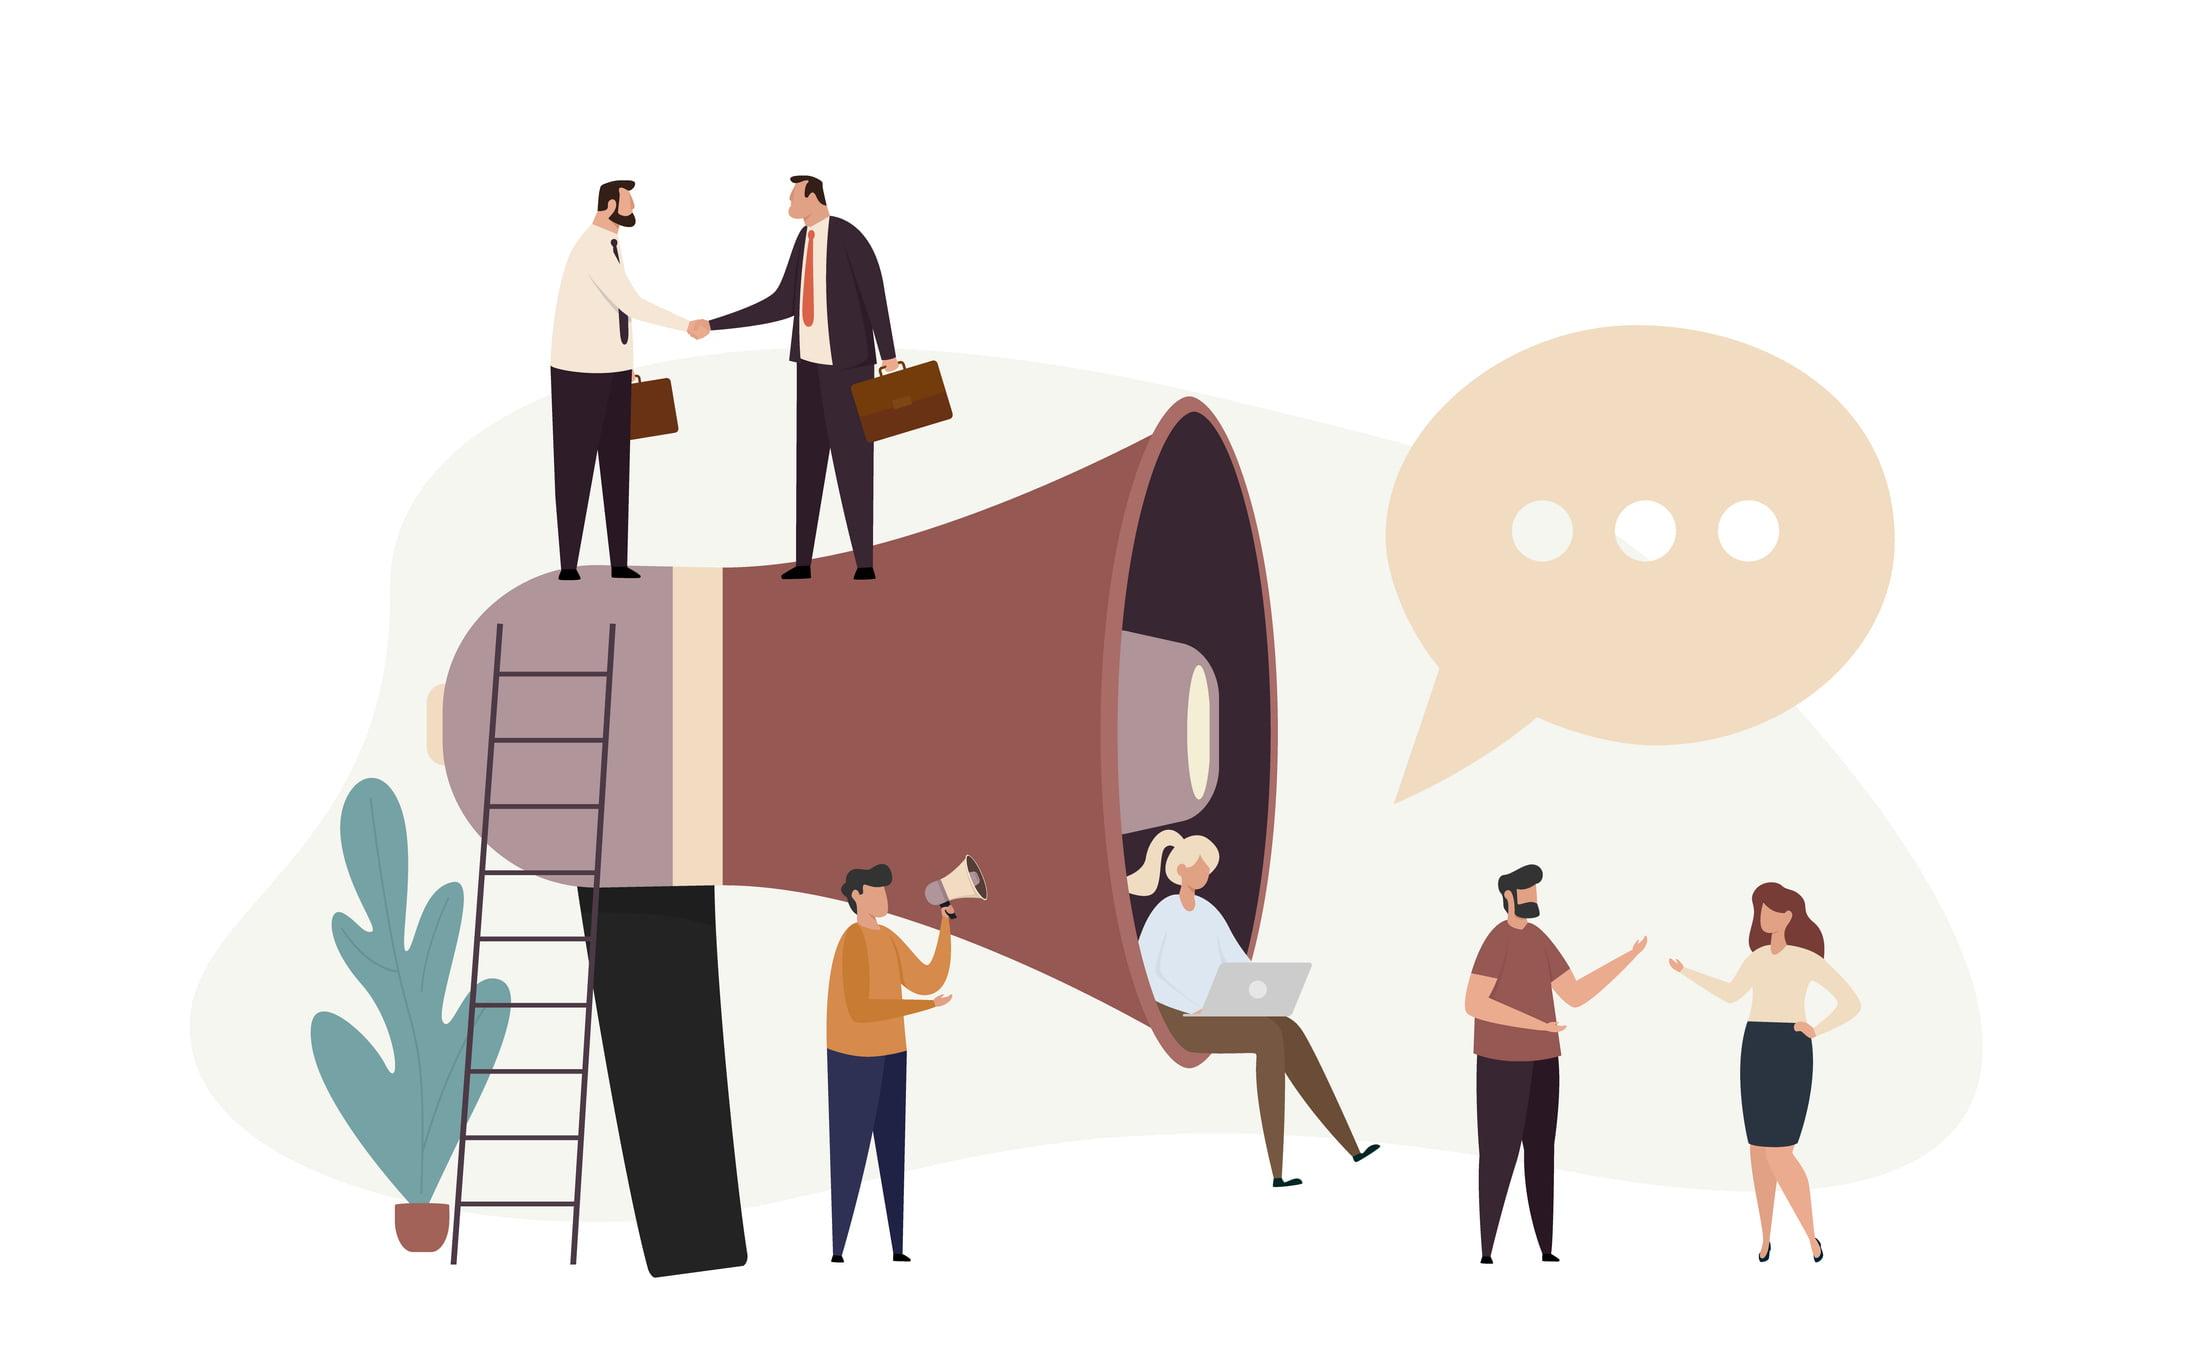 Announce du nouveau président du CA - image décorative de personnes entourées d'un mégaphone gigantesque